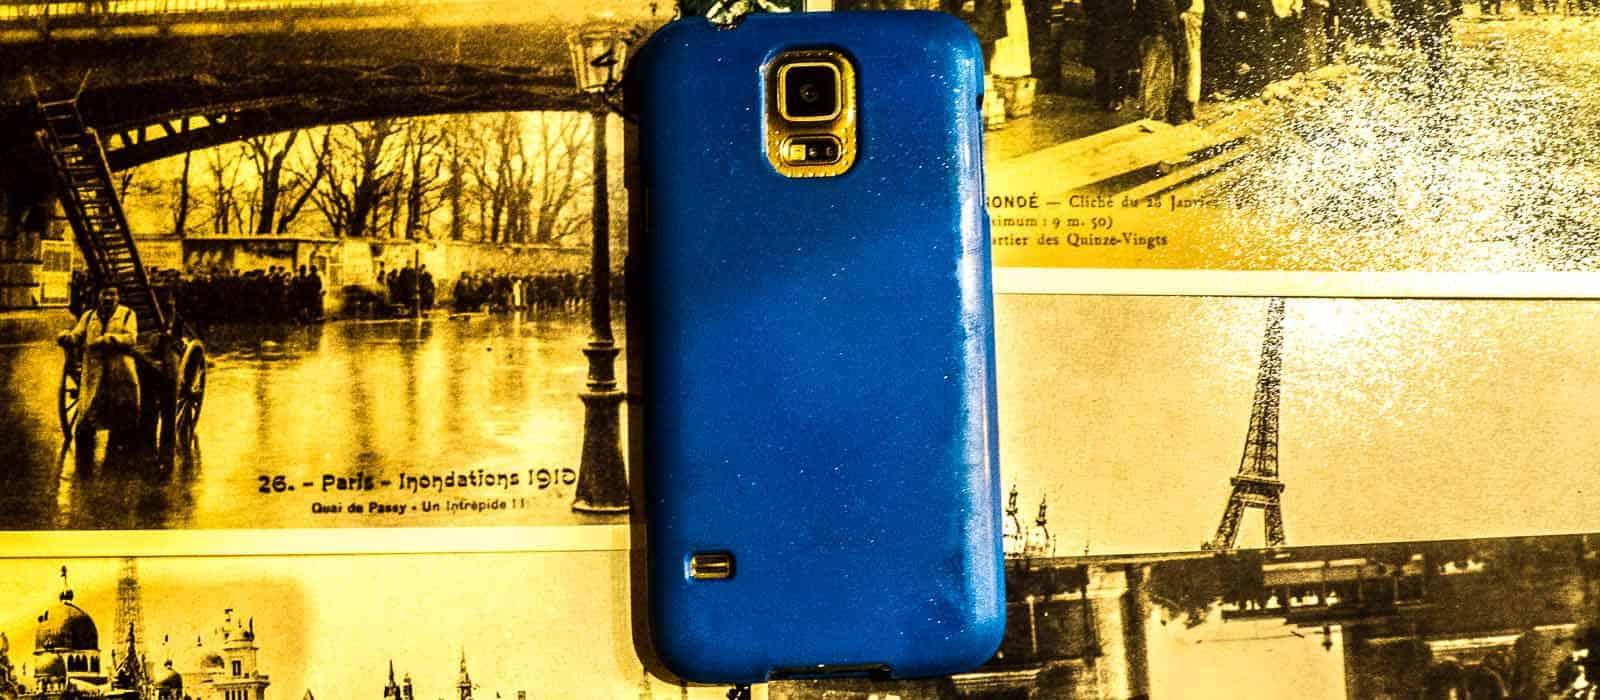 Jak fotografować w podróży, gdy wszyscy oglądają świat przez ekrany smartphonów?